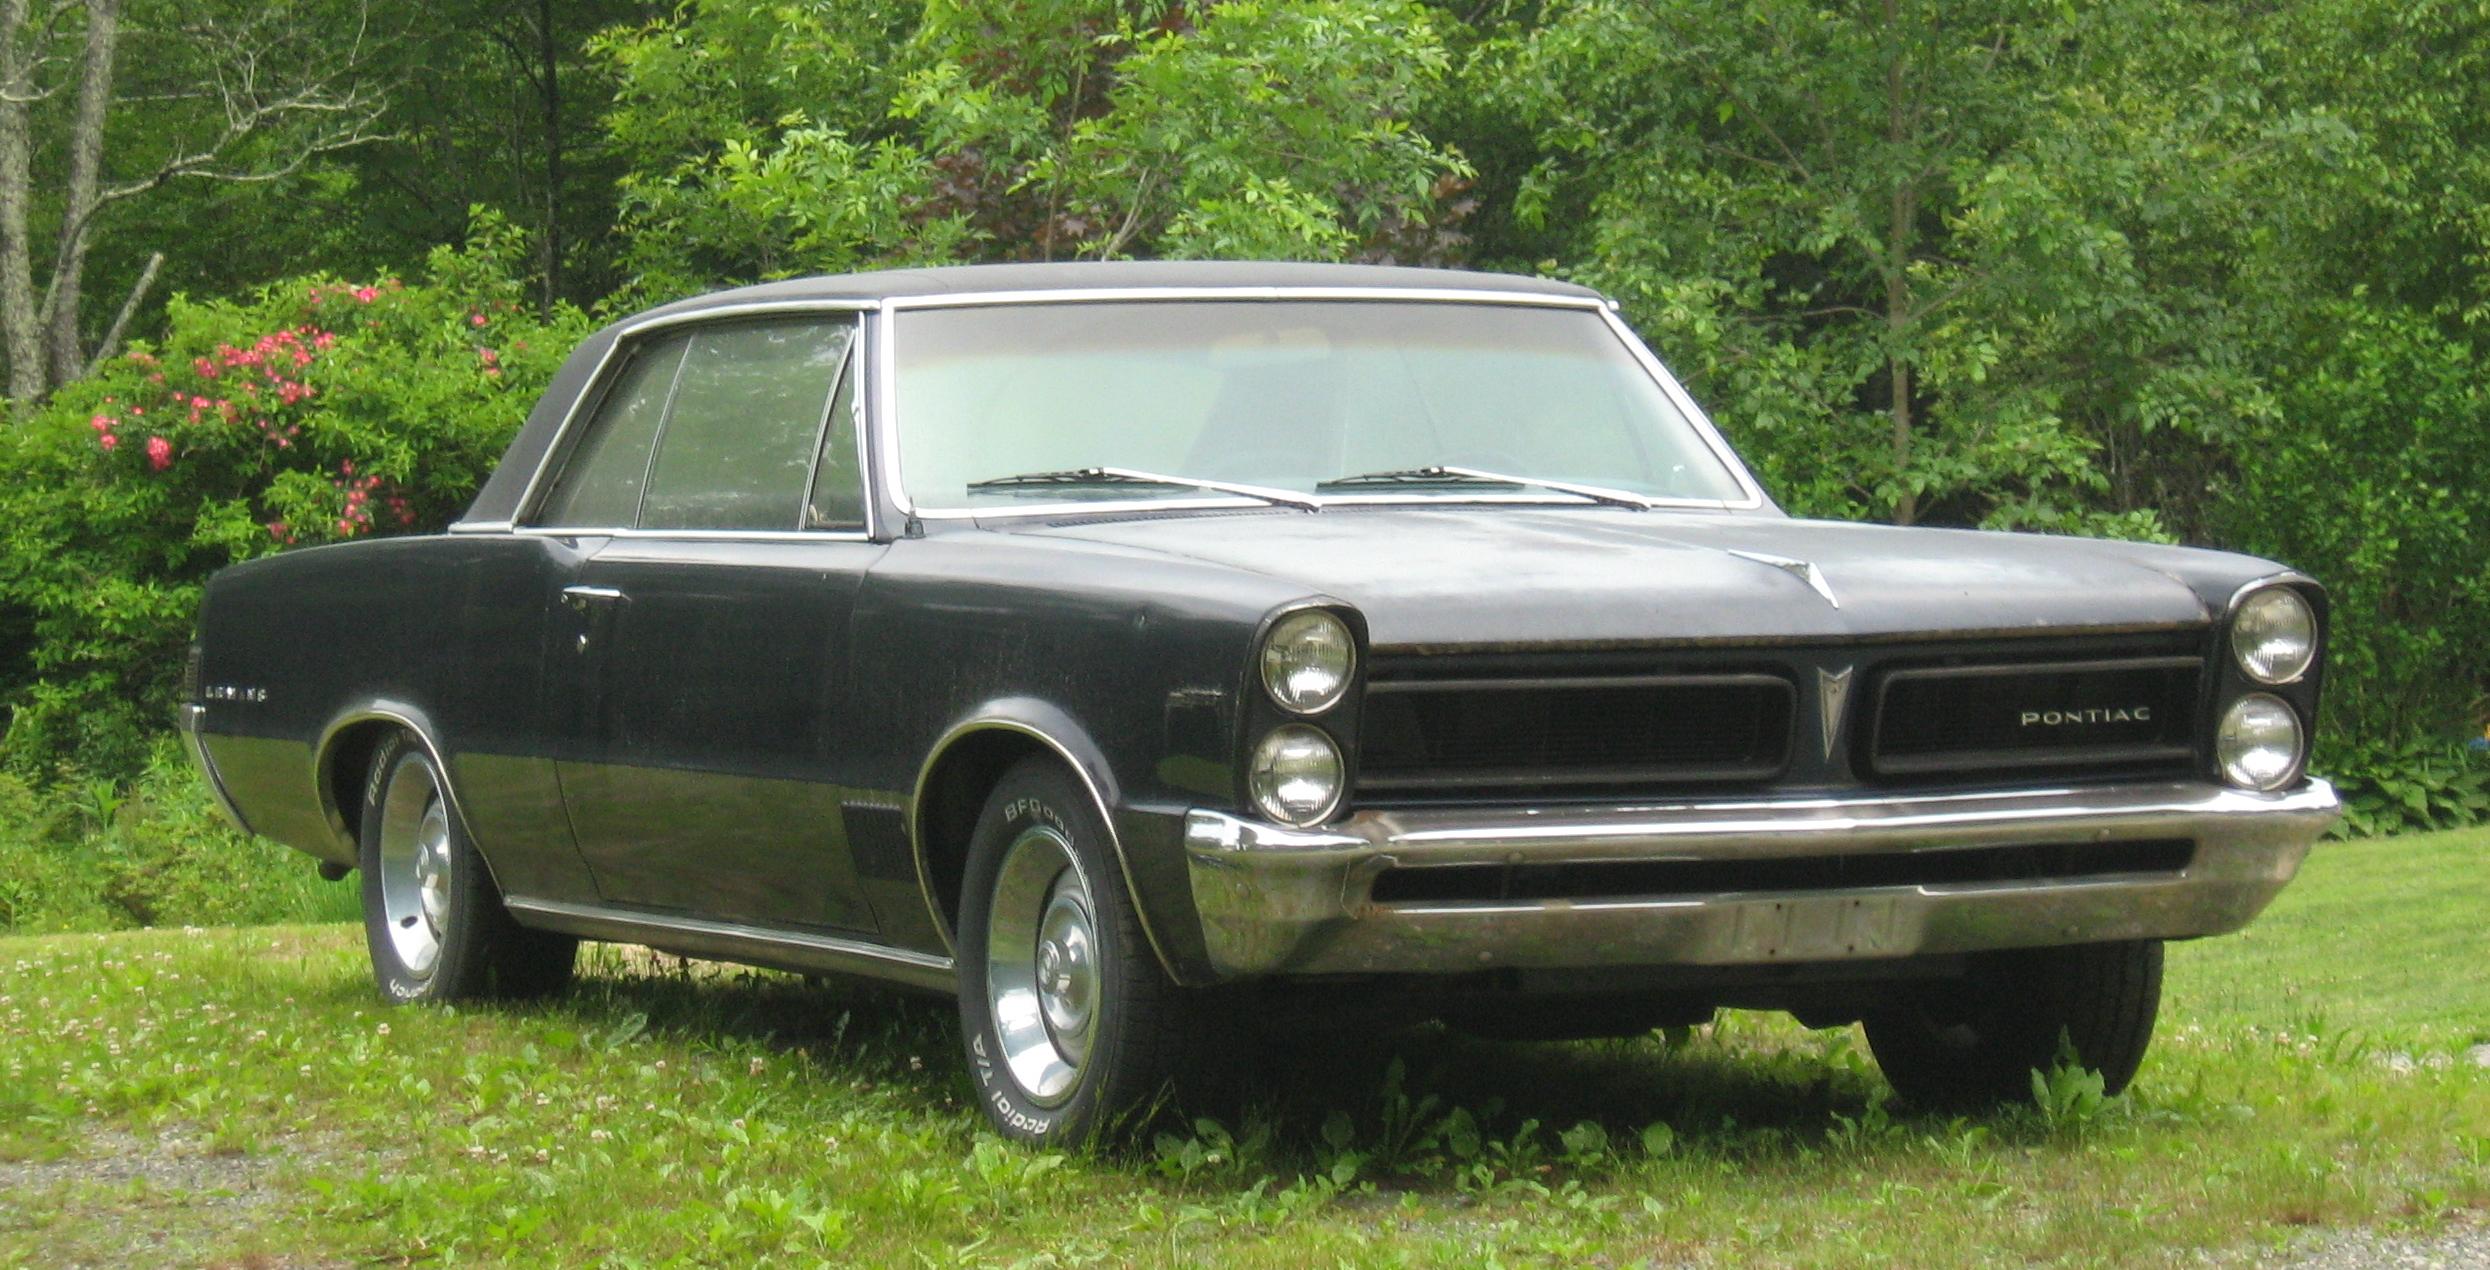 Black Pontiac Used Cars Statesville Nc